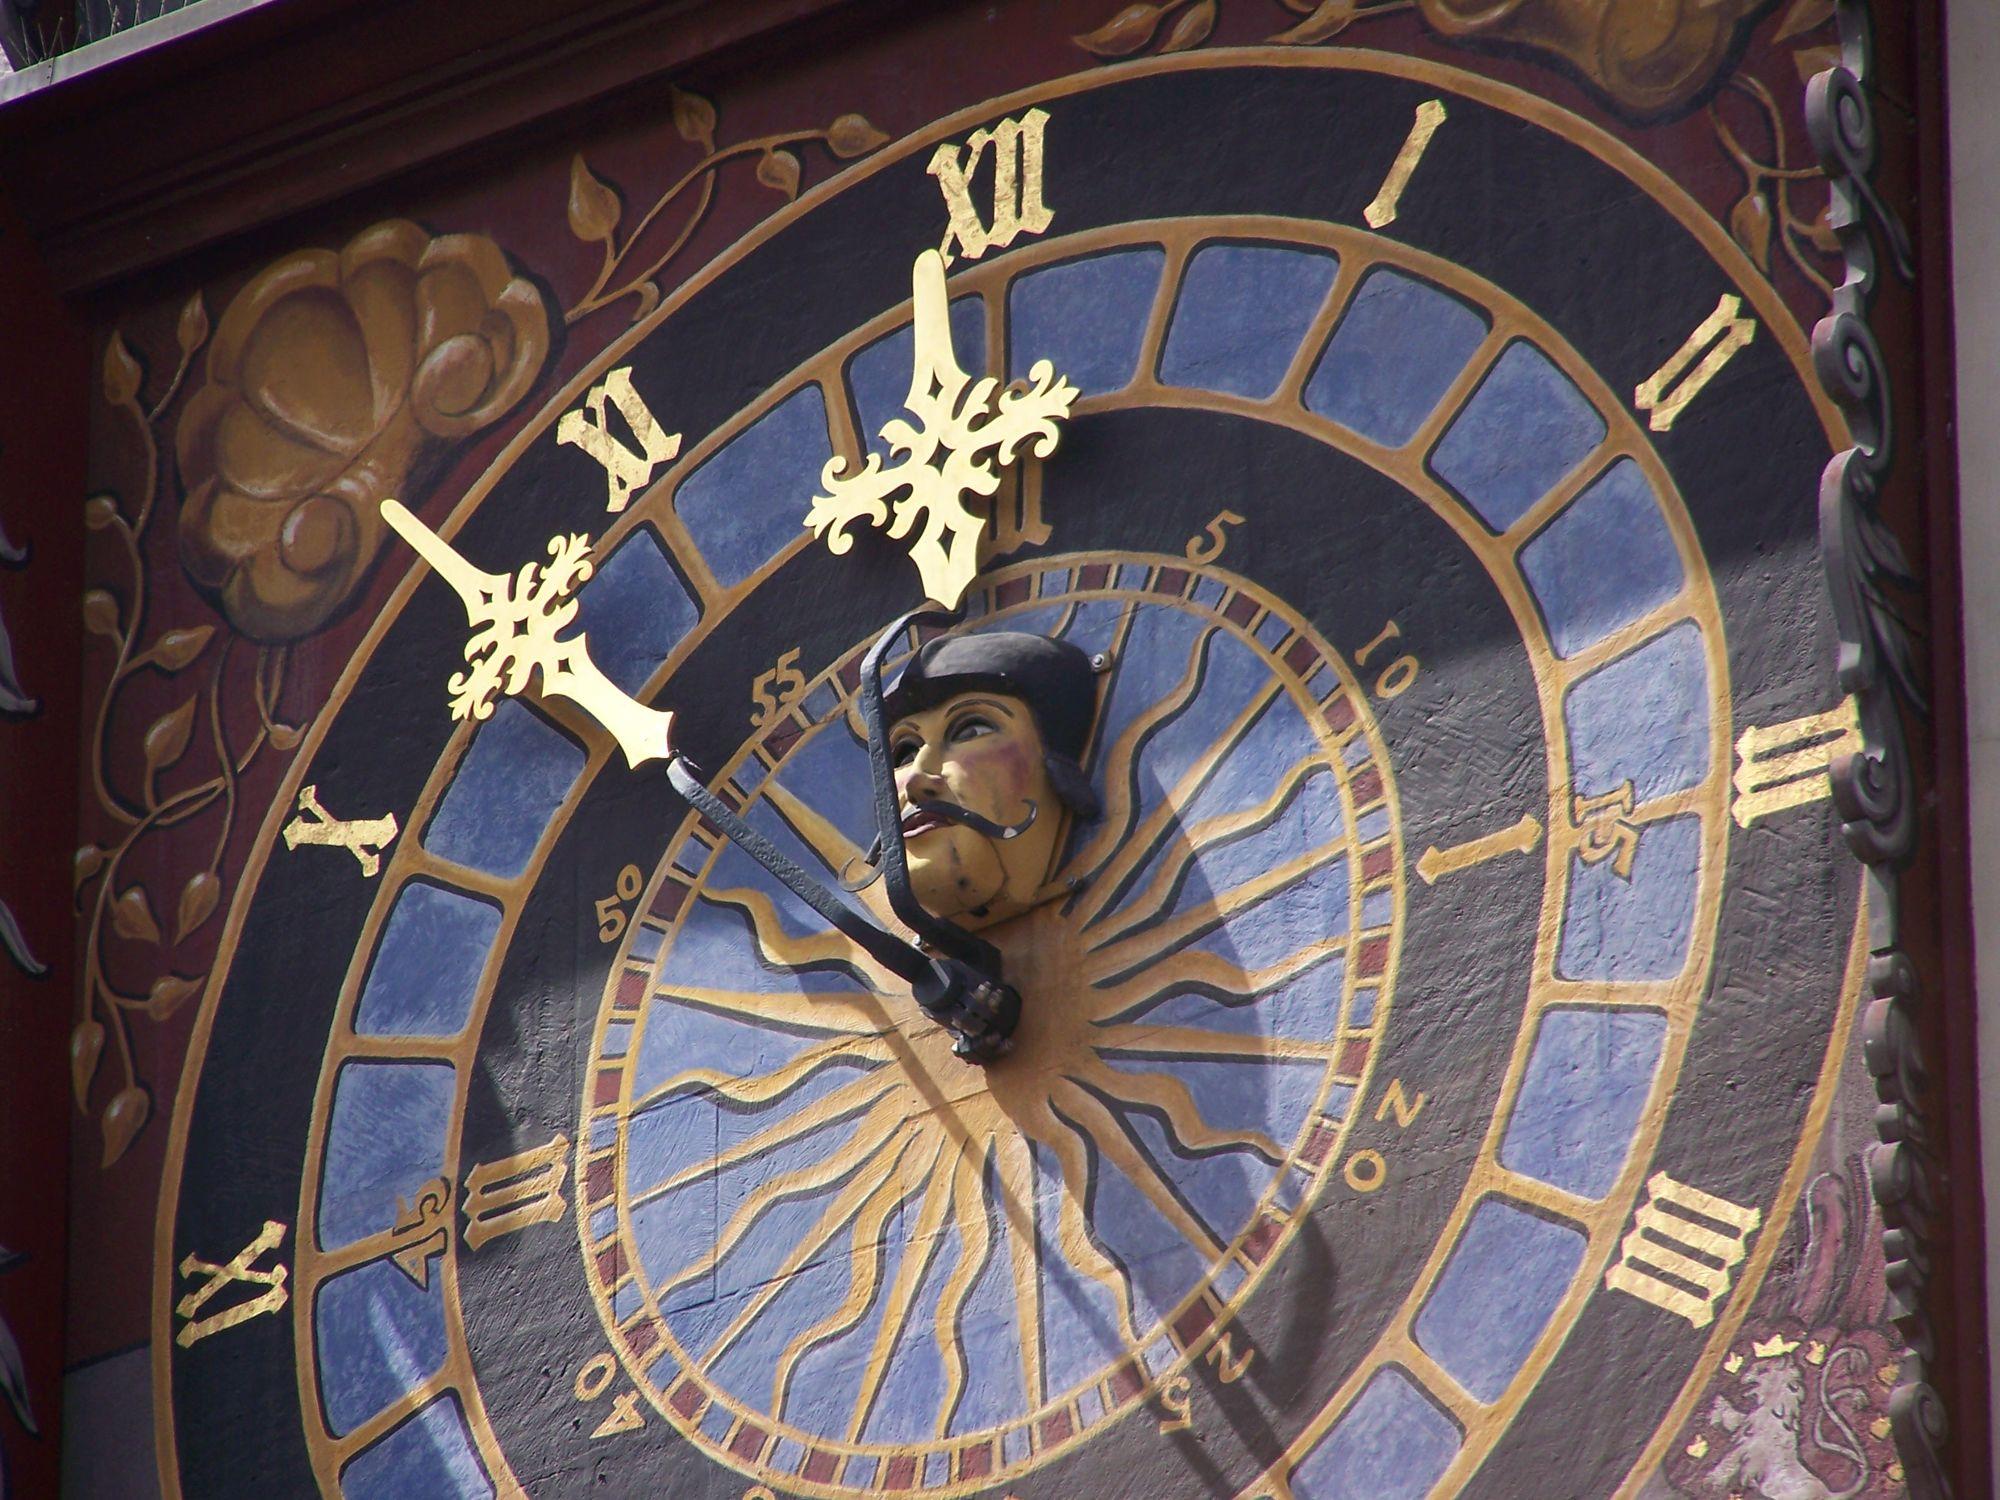 Bild mit Architektur, Turmuhr, Görlitz, historische Altstadt, detailaufnahme, gold